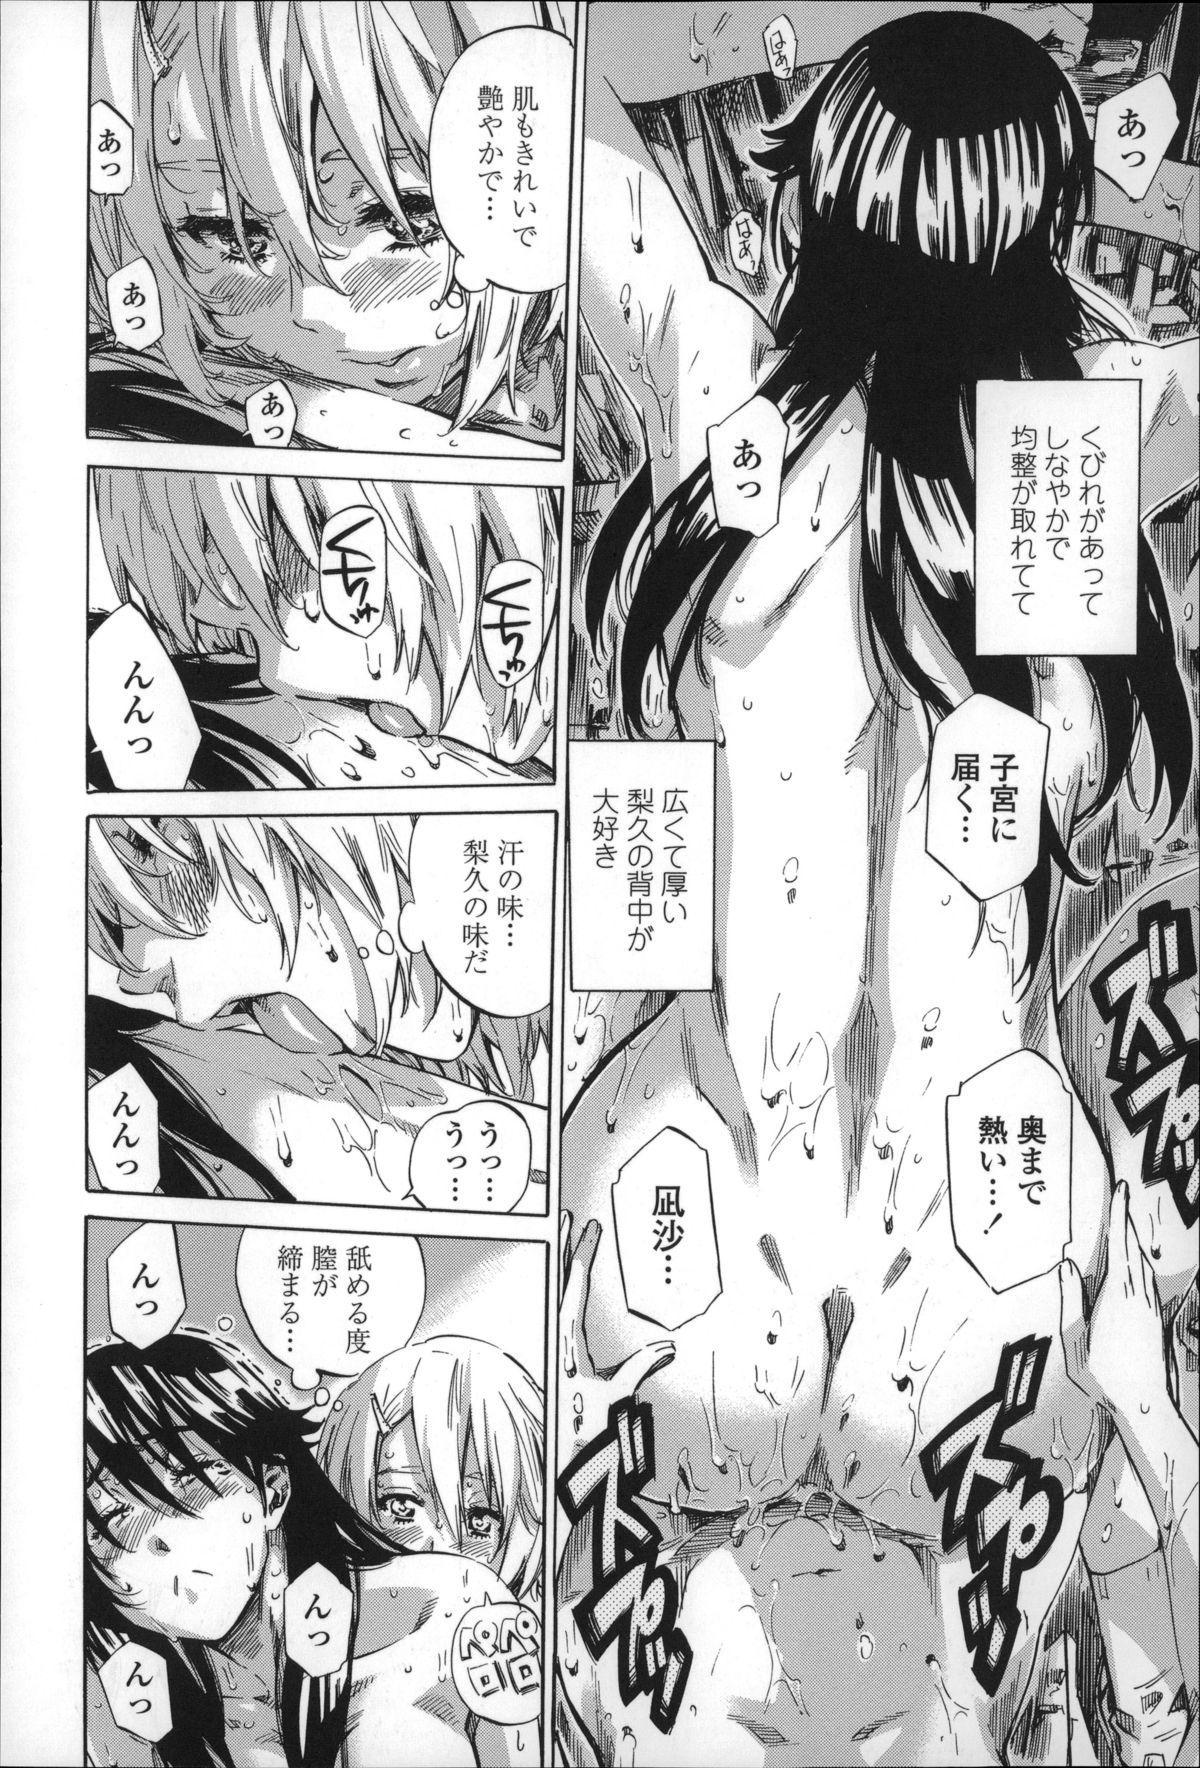 Choushin de Mukuchi no Kanojo ga Hatsujou Shite Kitara Eroiyo ne? 63